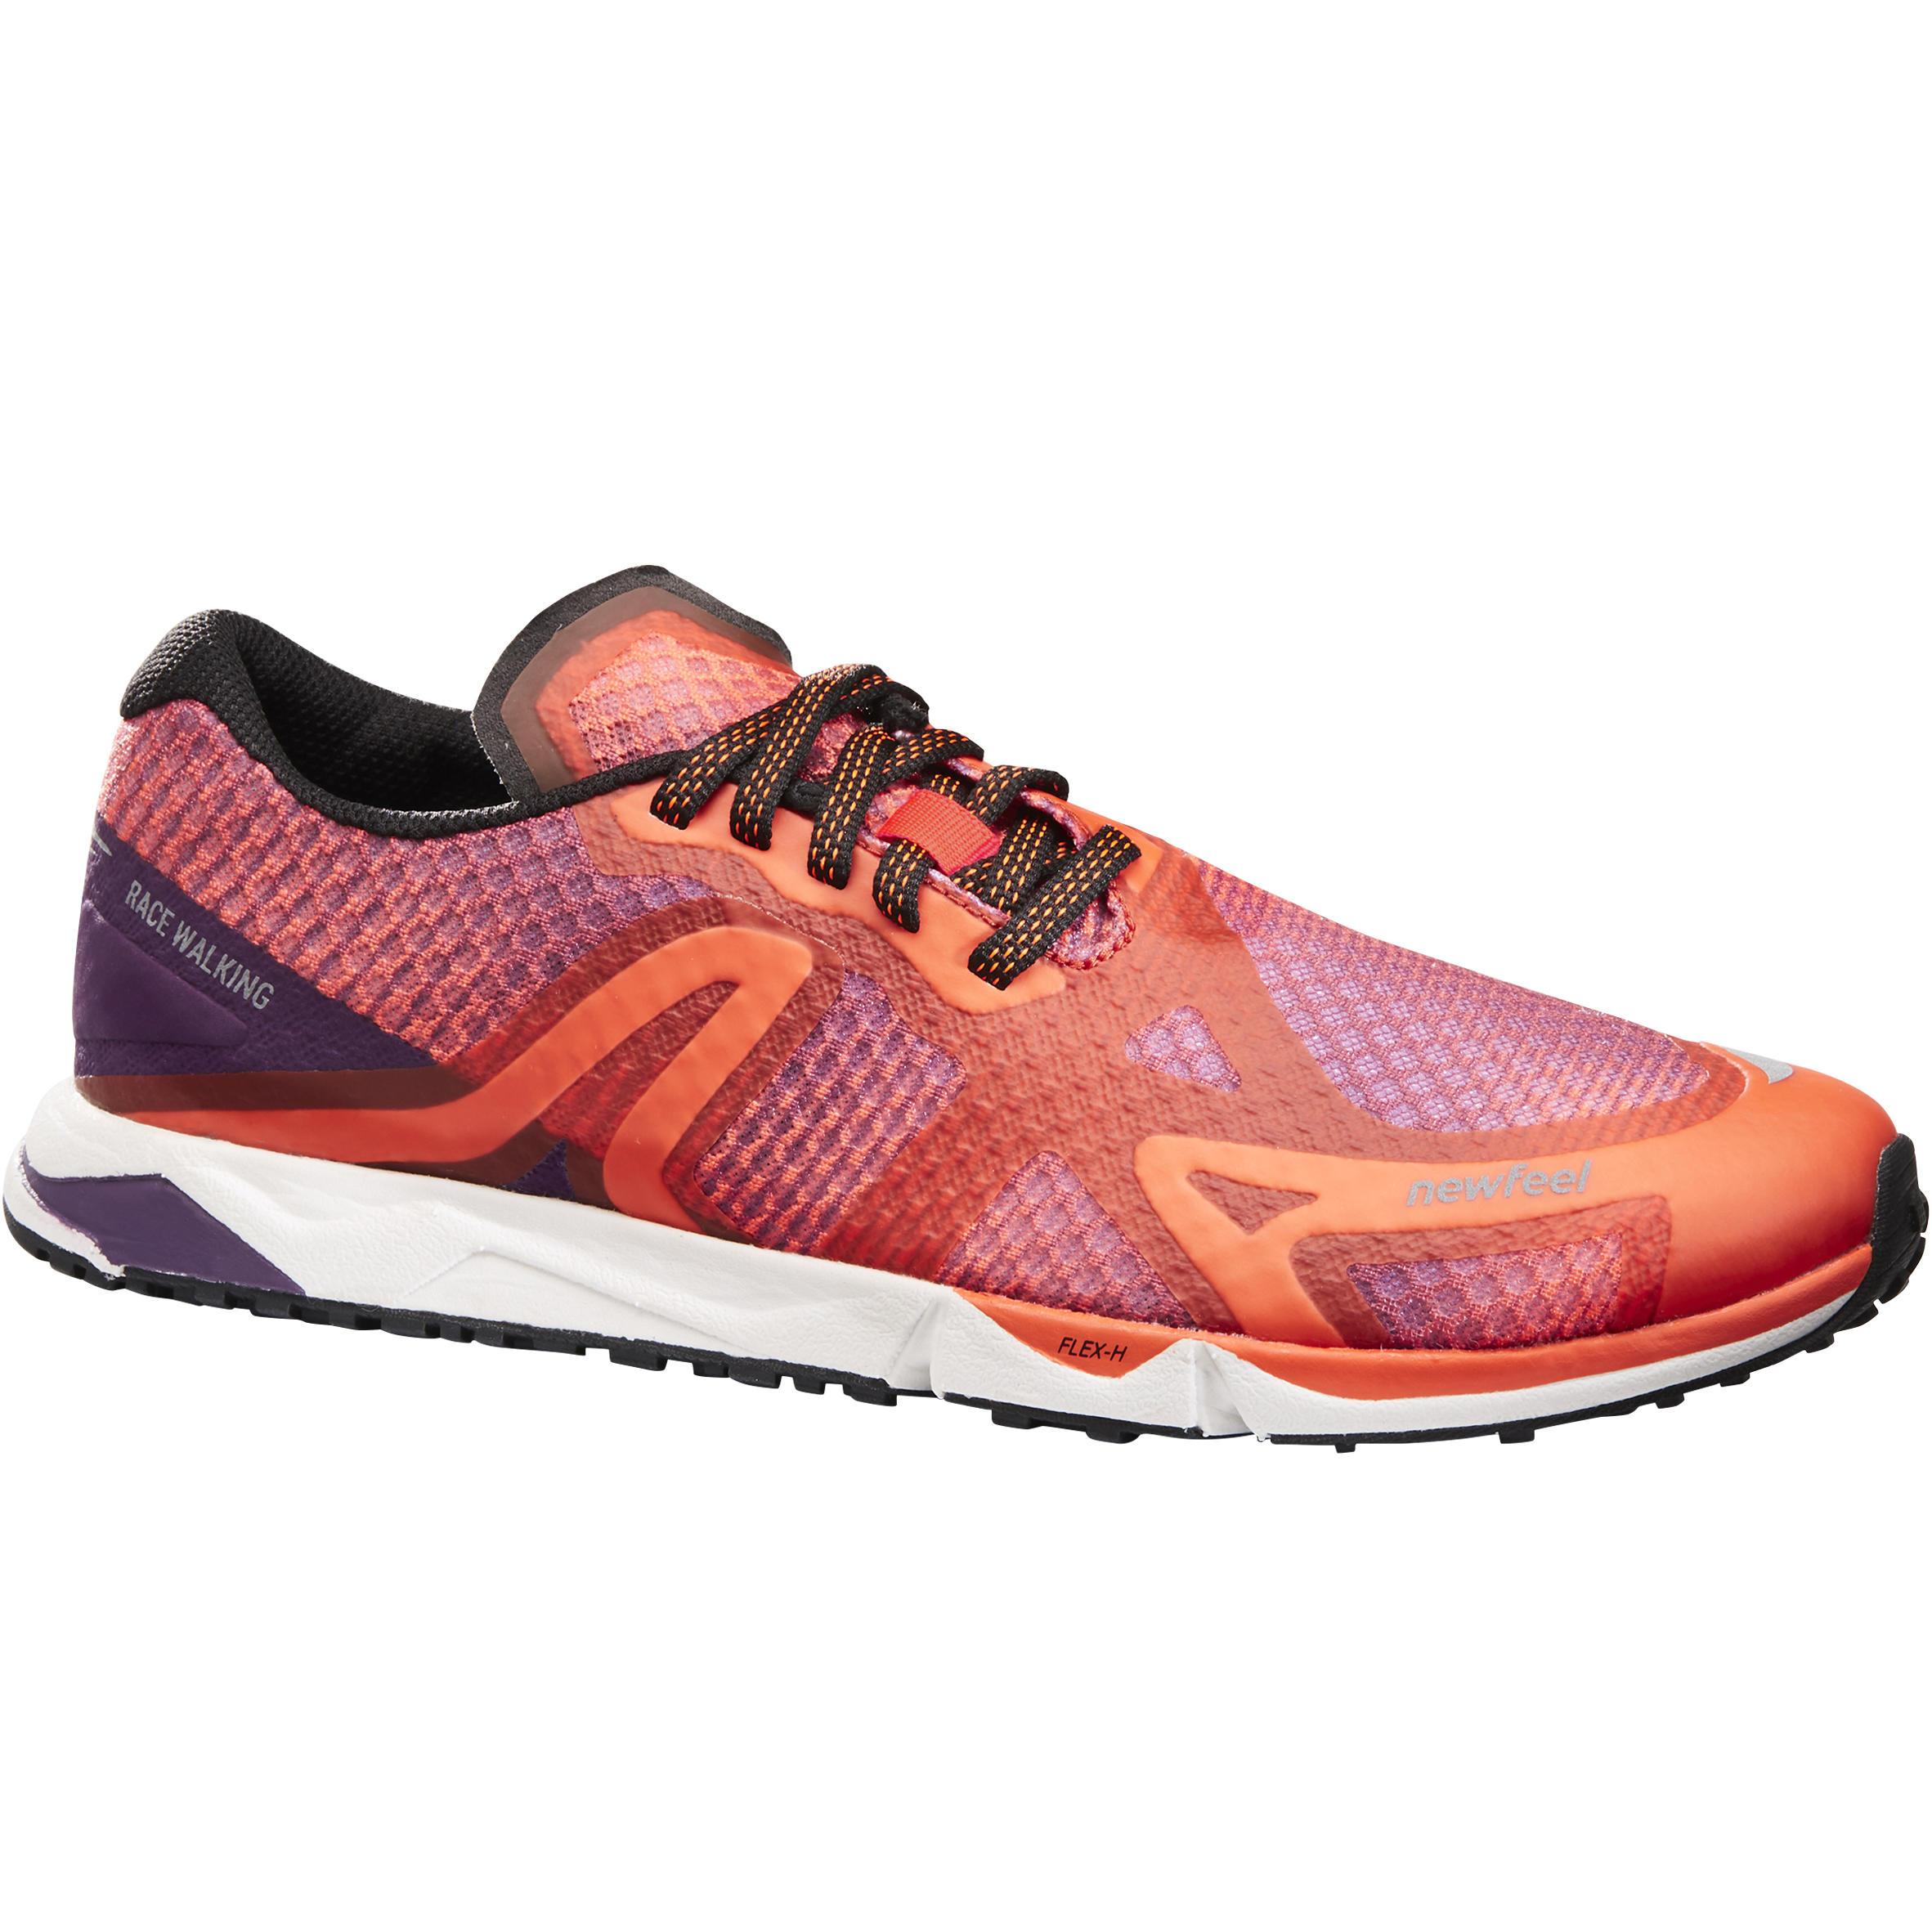 Chaussures de marche athlétique RW 900 violet et orange - Newfeel